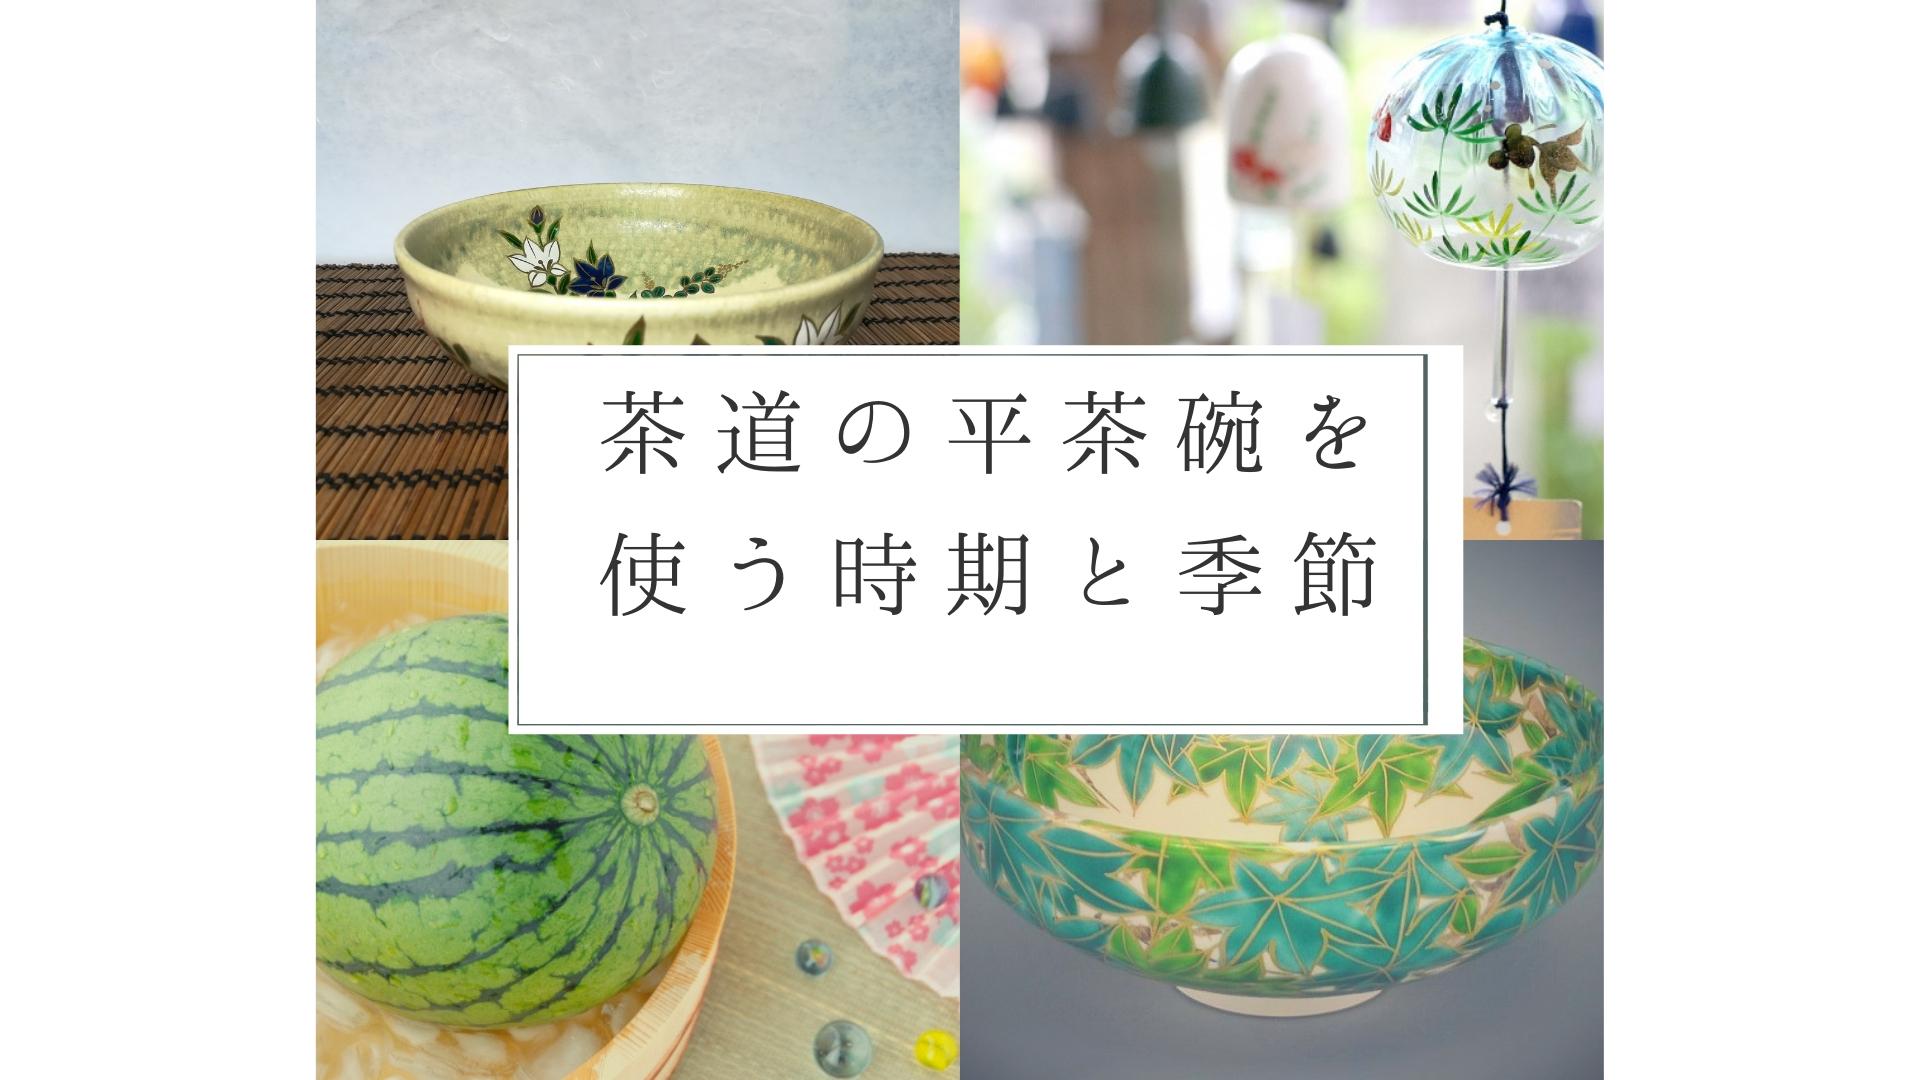 平茶碗と夏の風物の画像